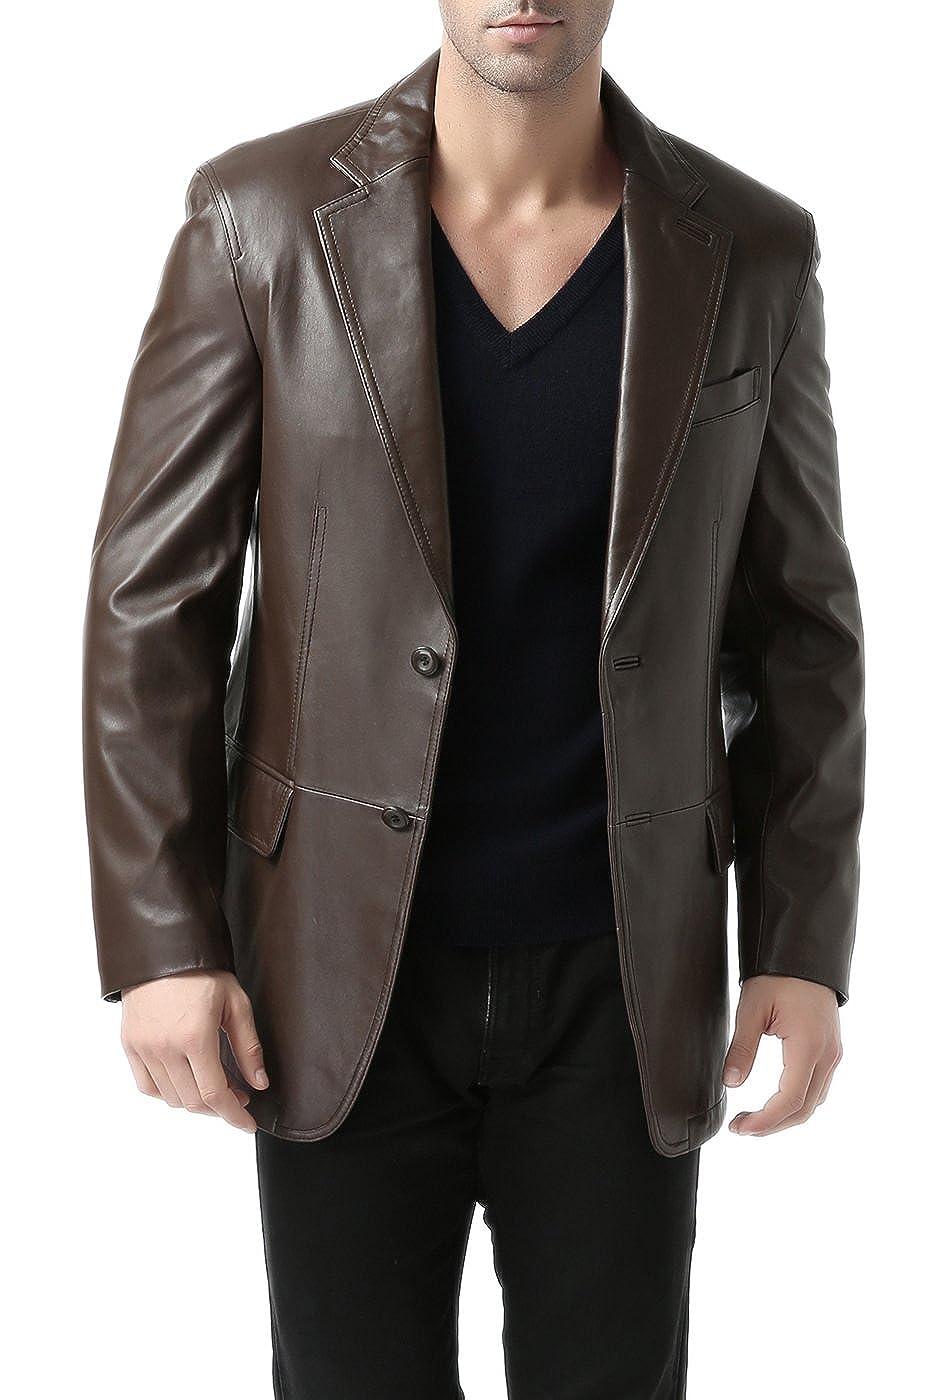 Regular Big /& Tall BGSD Mens Brown Leather Blazer Lambskin Sport Coat Jacket